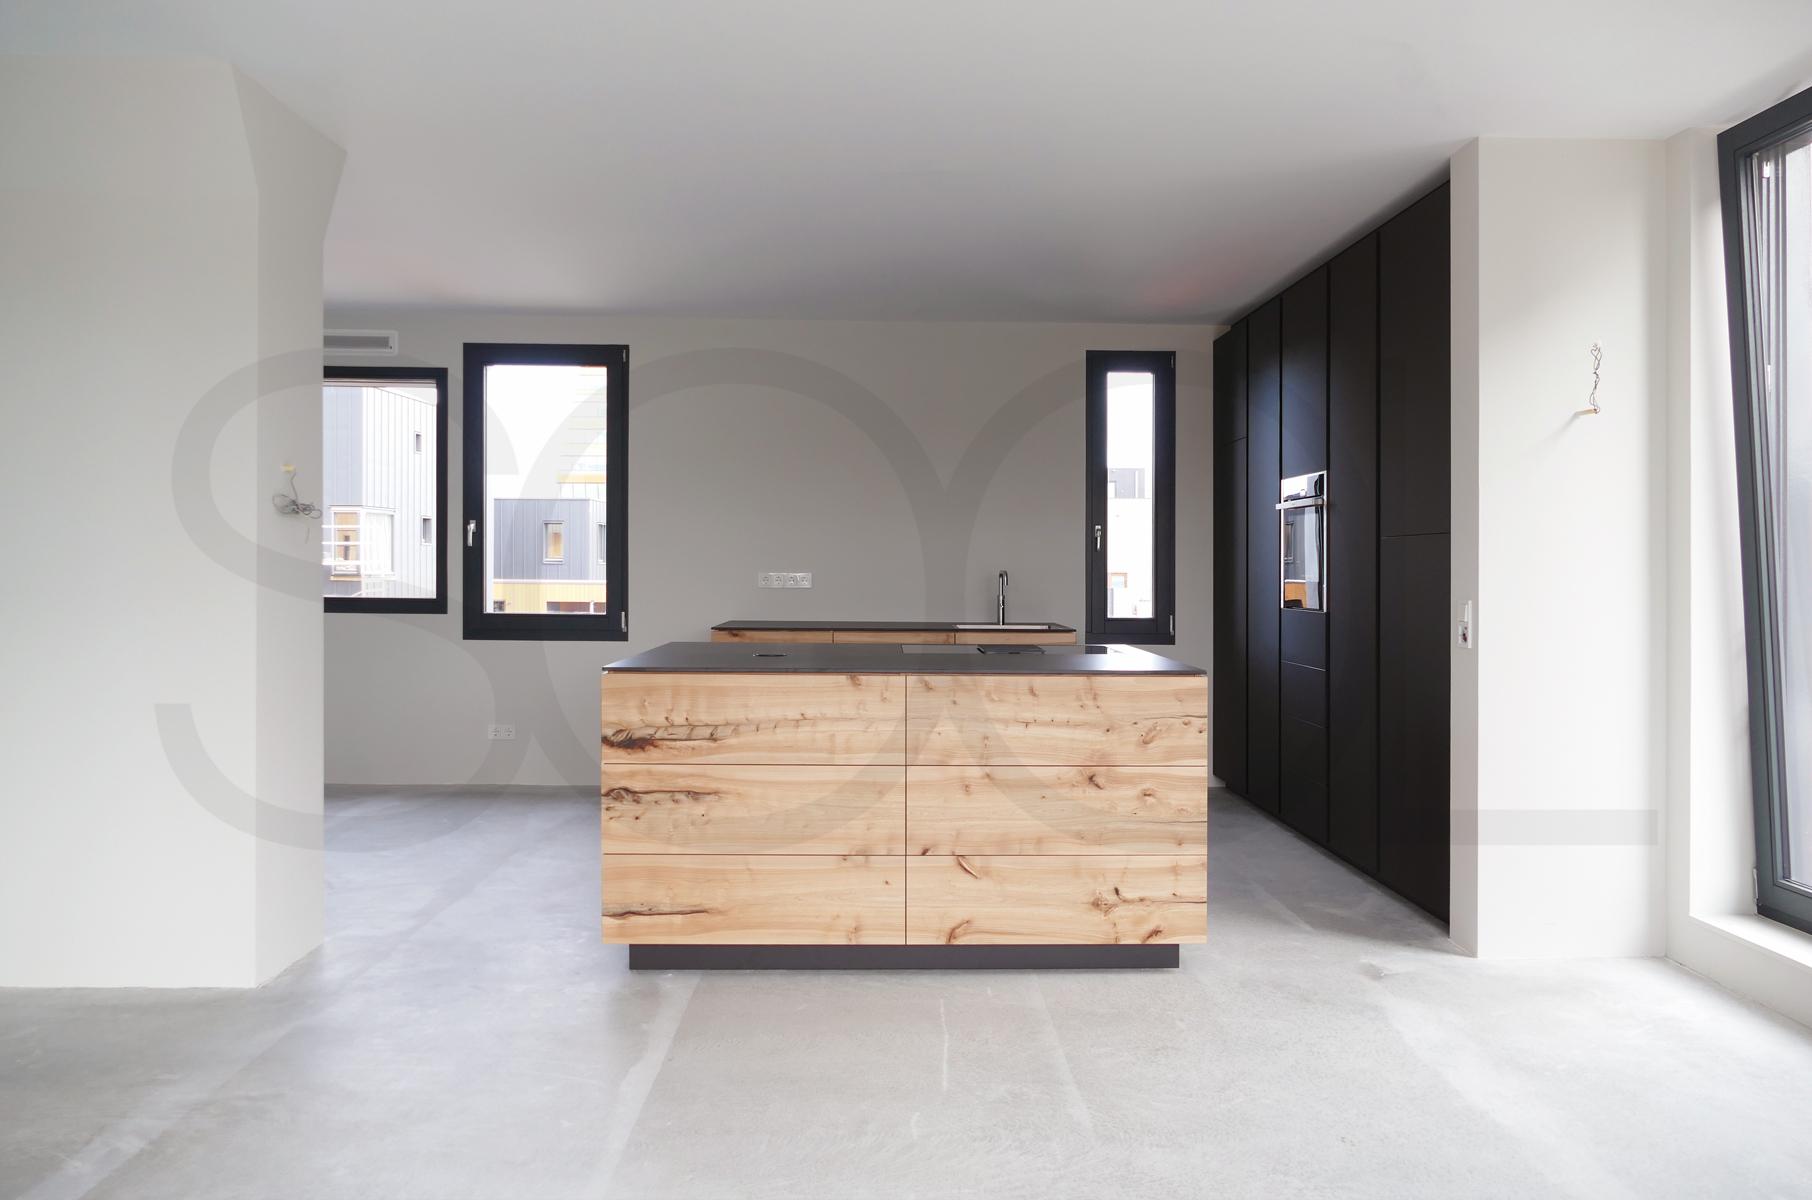 keuken iepenhout groningen 02